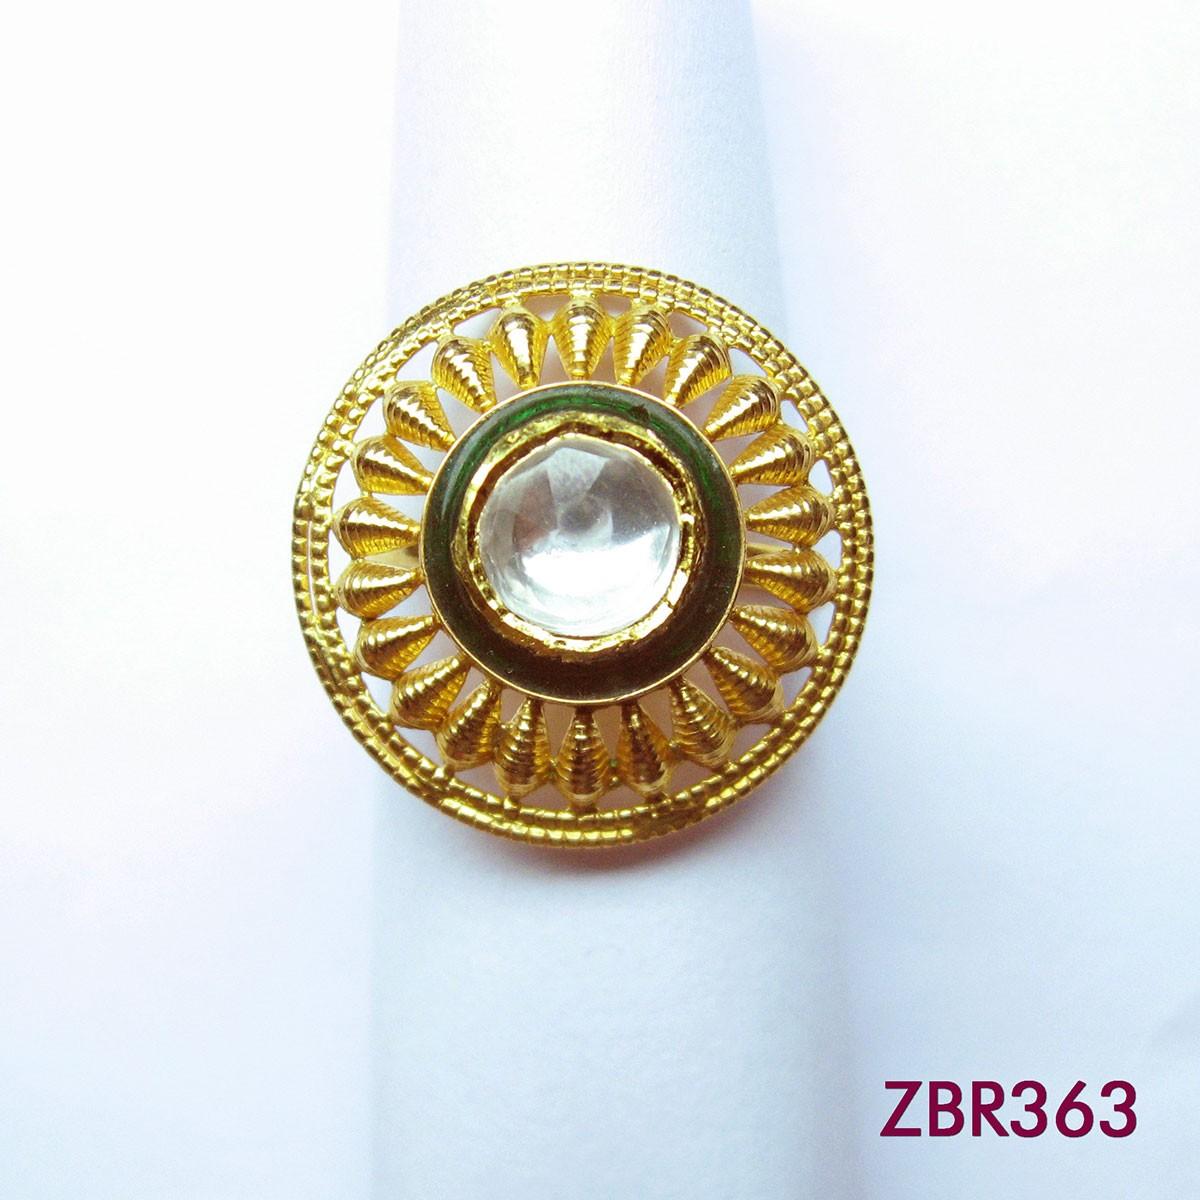 ZBR363